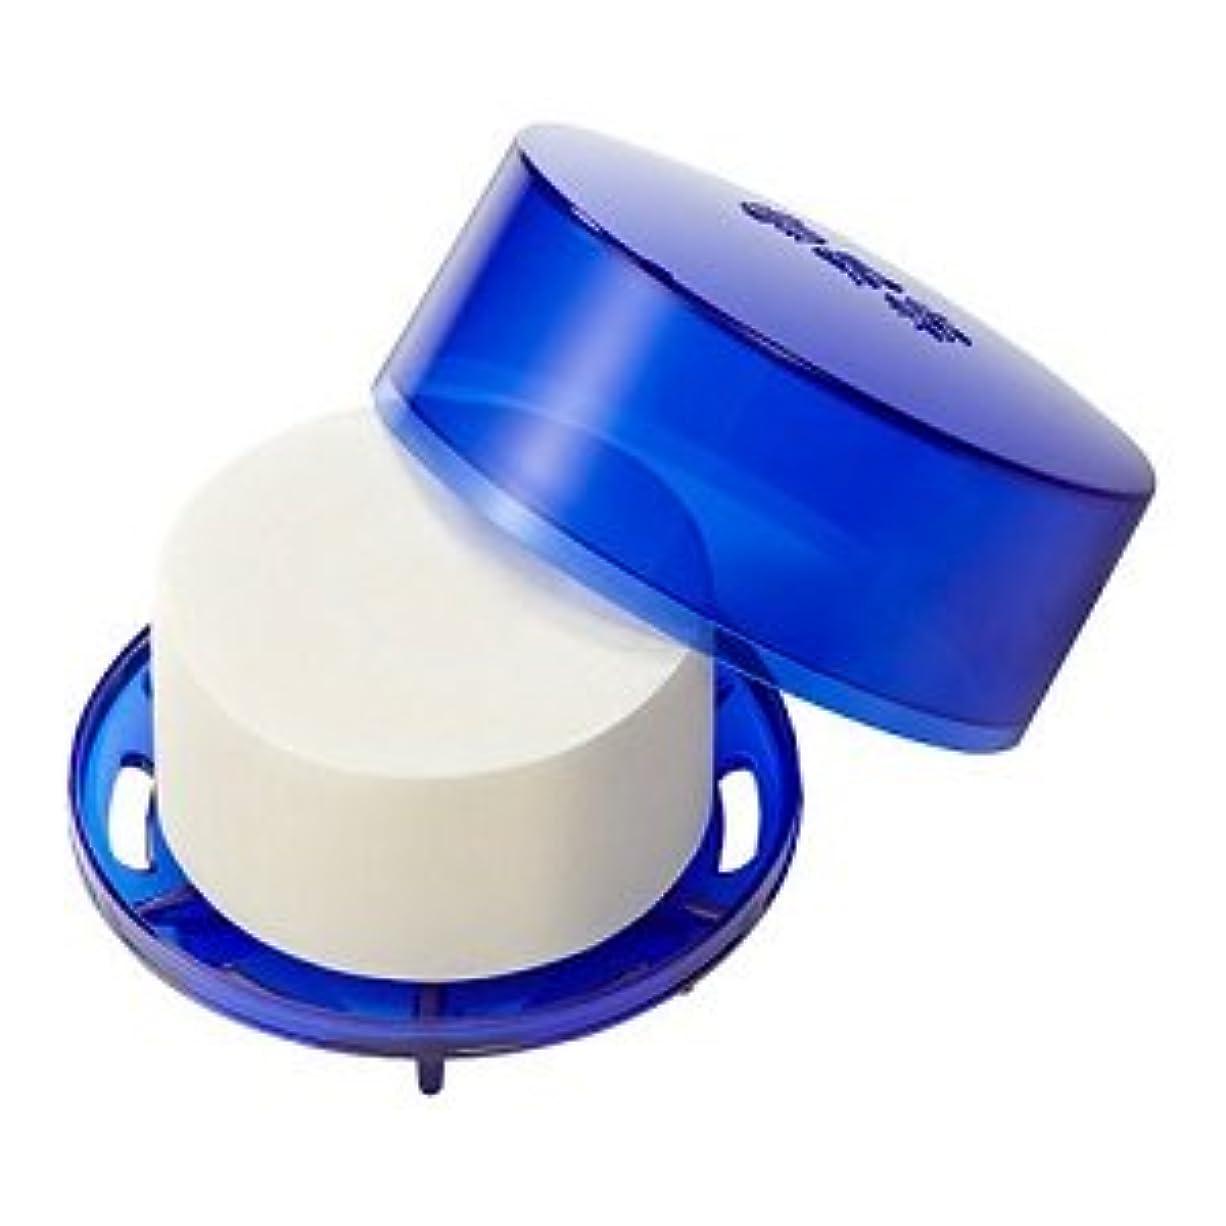 支出アスレチック櫛コーセー 雪肌精 化粧水仕立て 石けん 100g